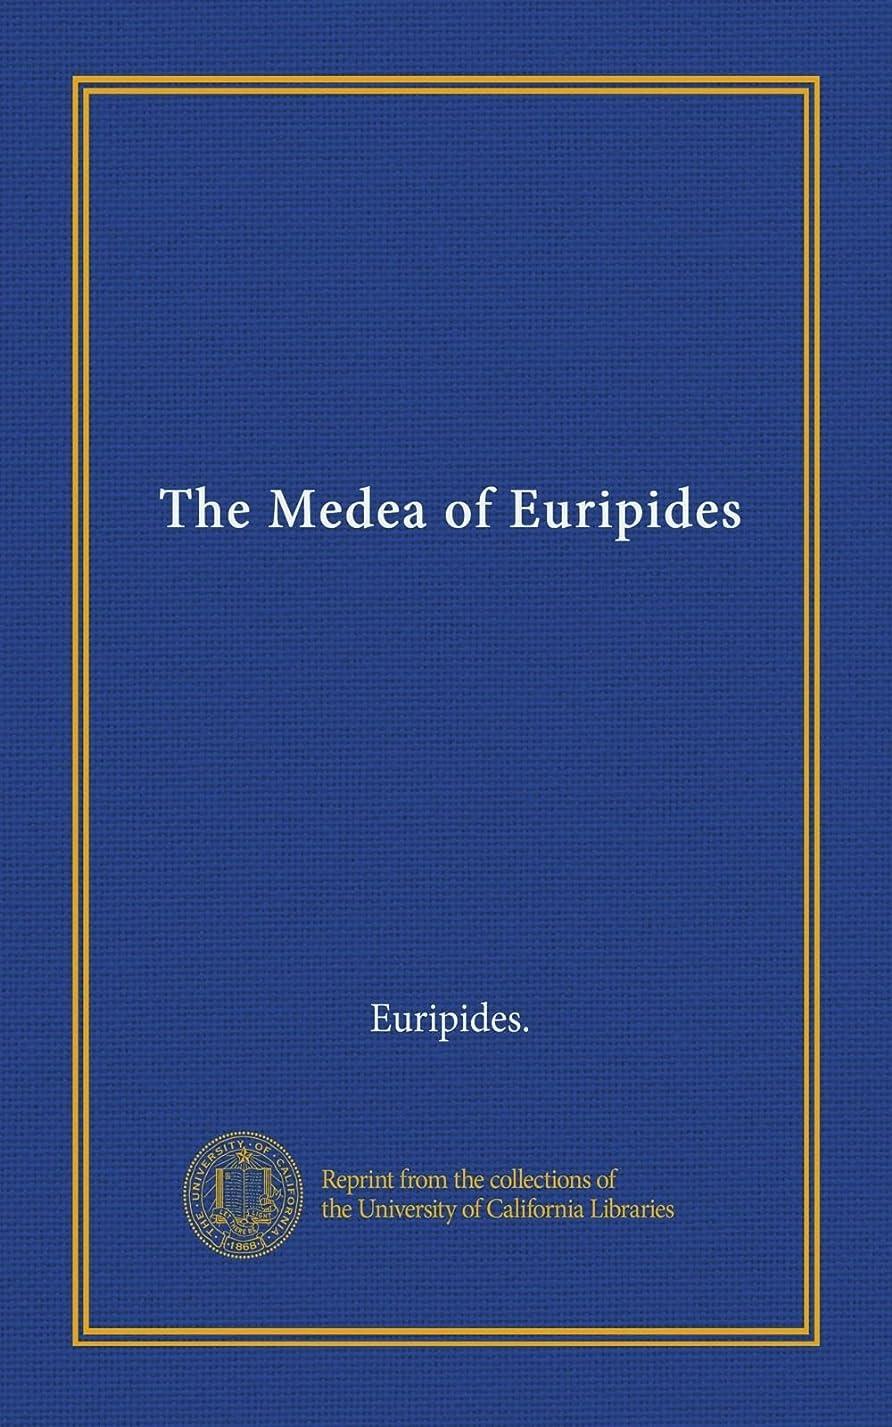 カートリッジ頭悩むThe Medea of Euripides